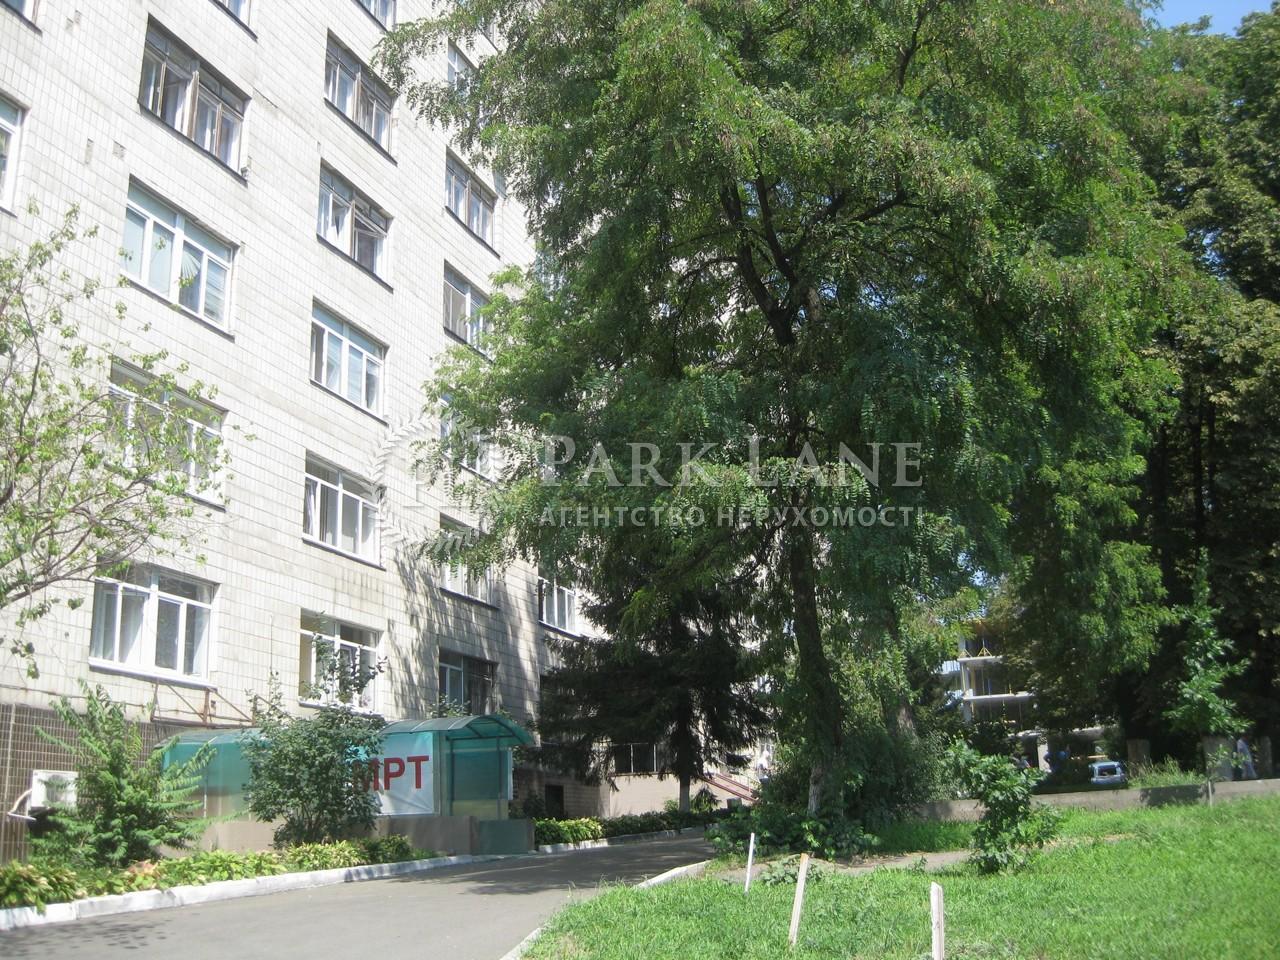 Будинок, Z-110704, Багговутівська, Київ - Фото 19